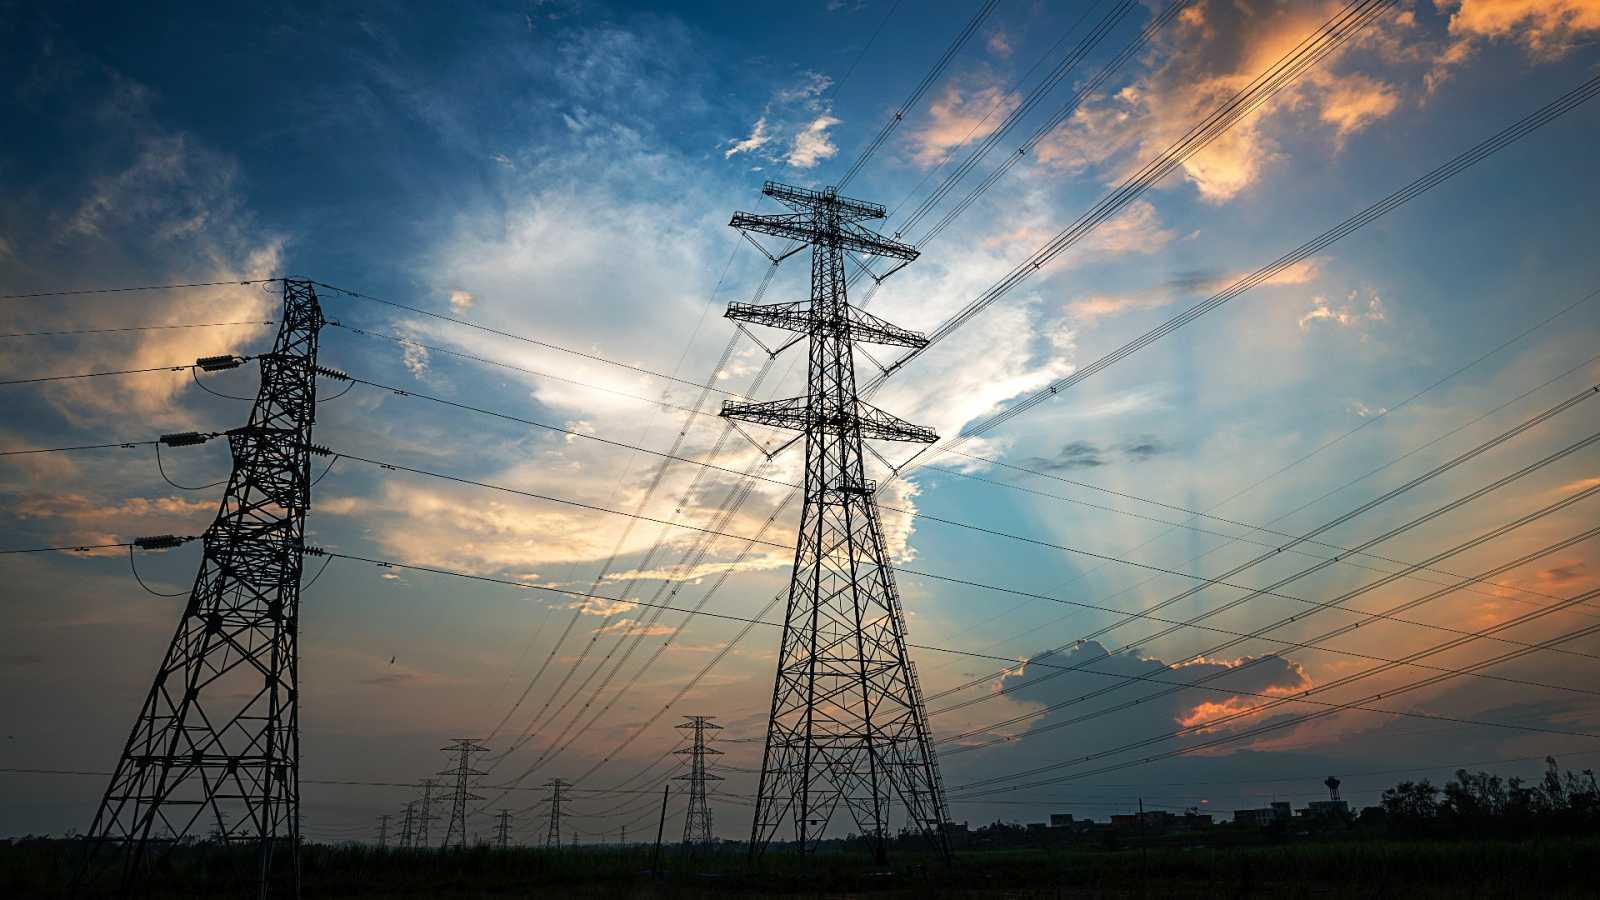 Un apagón deja sin luz a más de un millón de hogares en la península